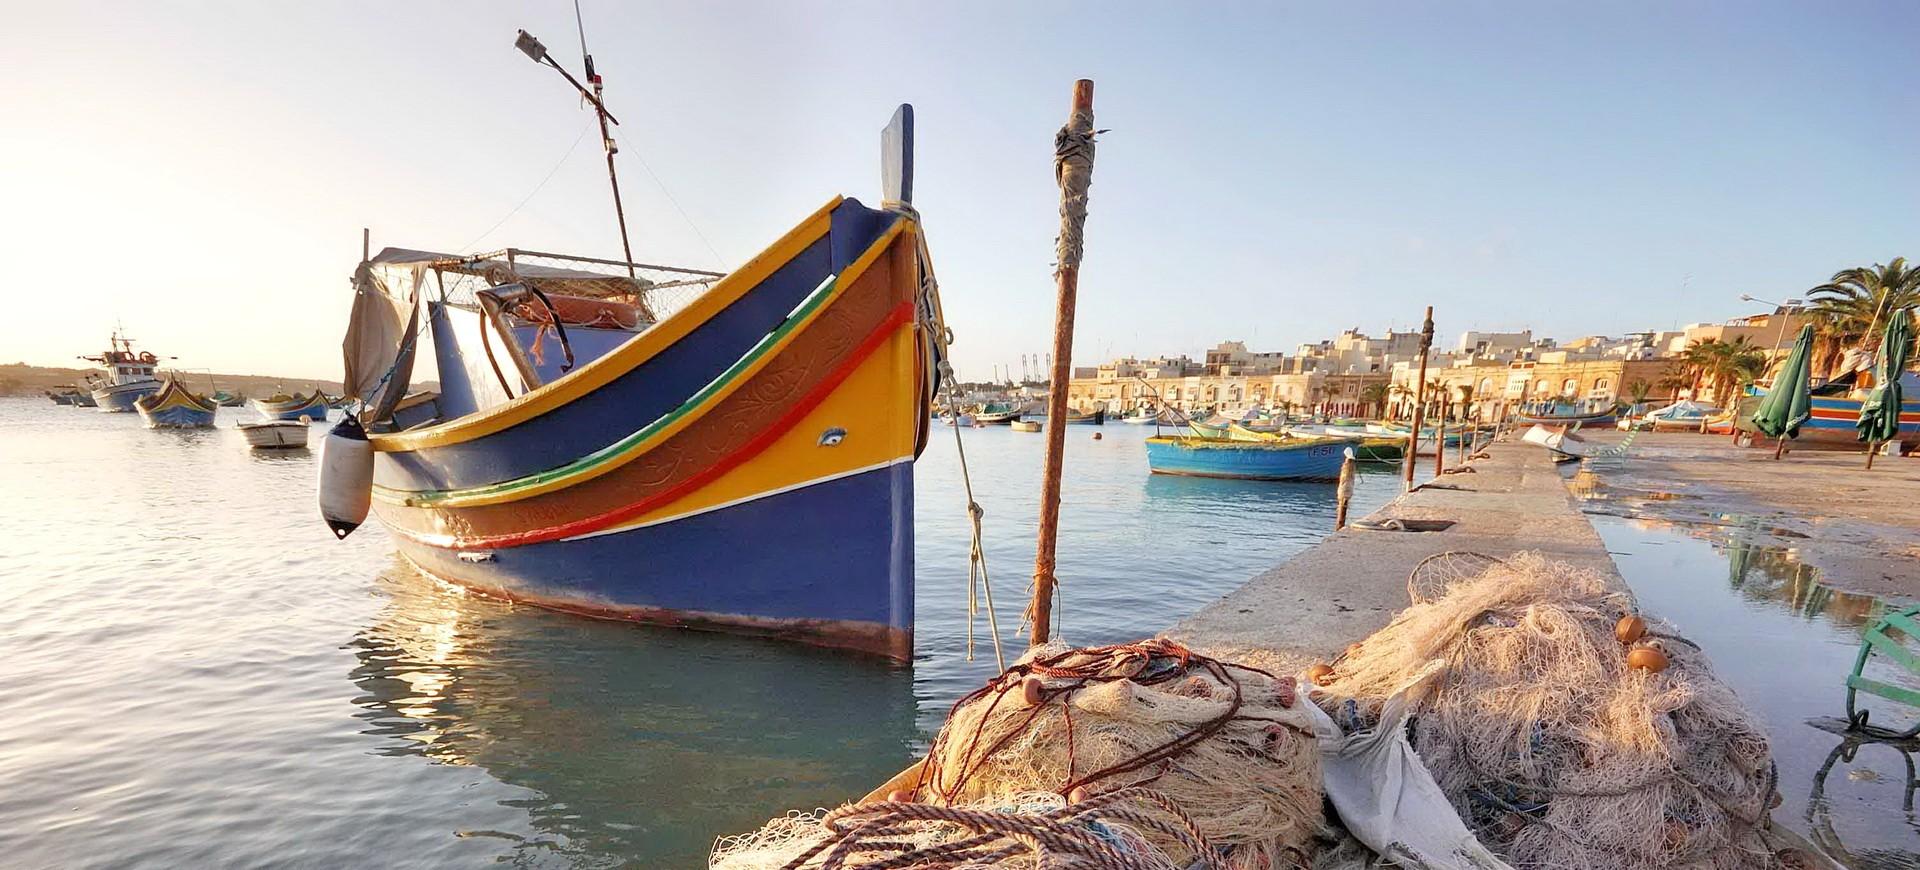 Malte La Vallette Bateau Traditional Luzzu dans le Port